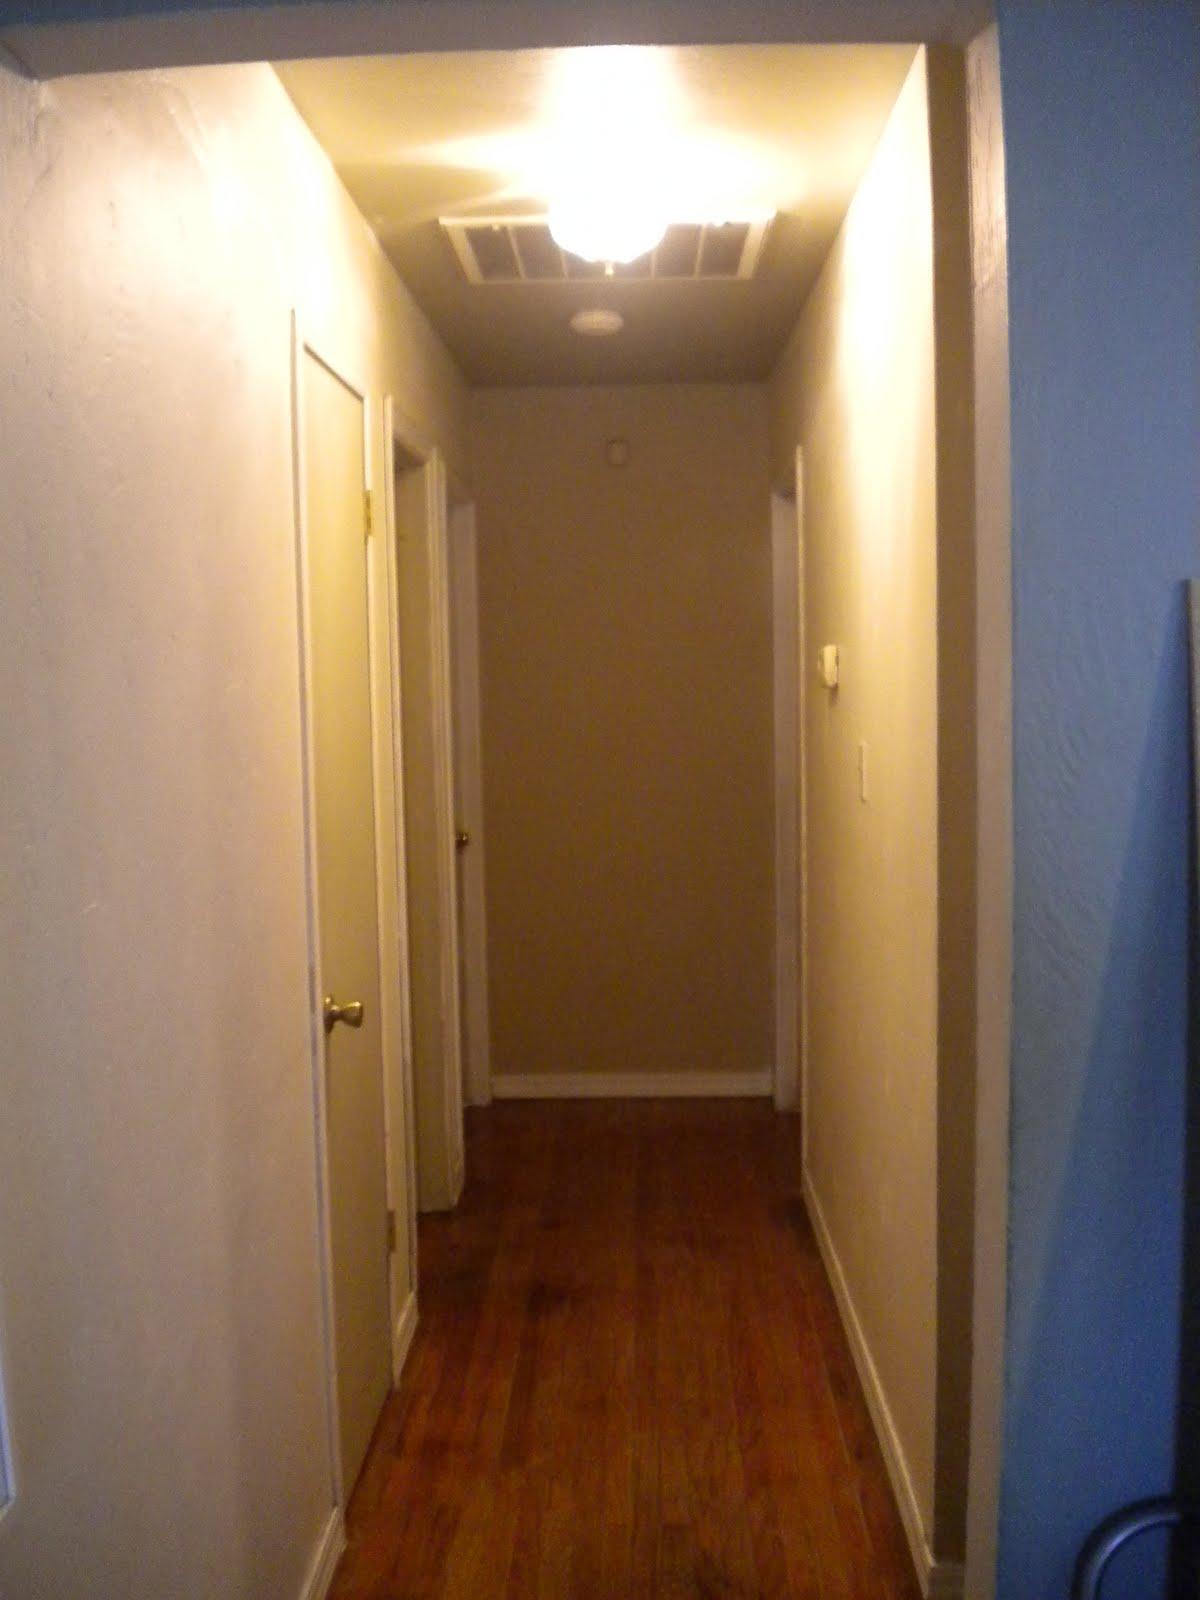 hallway finally. finally a bright hallway